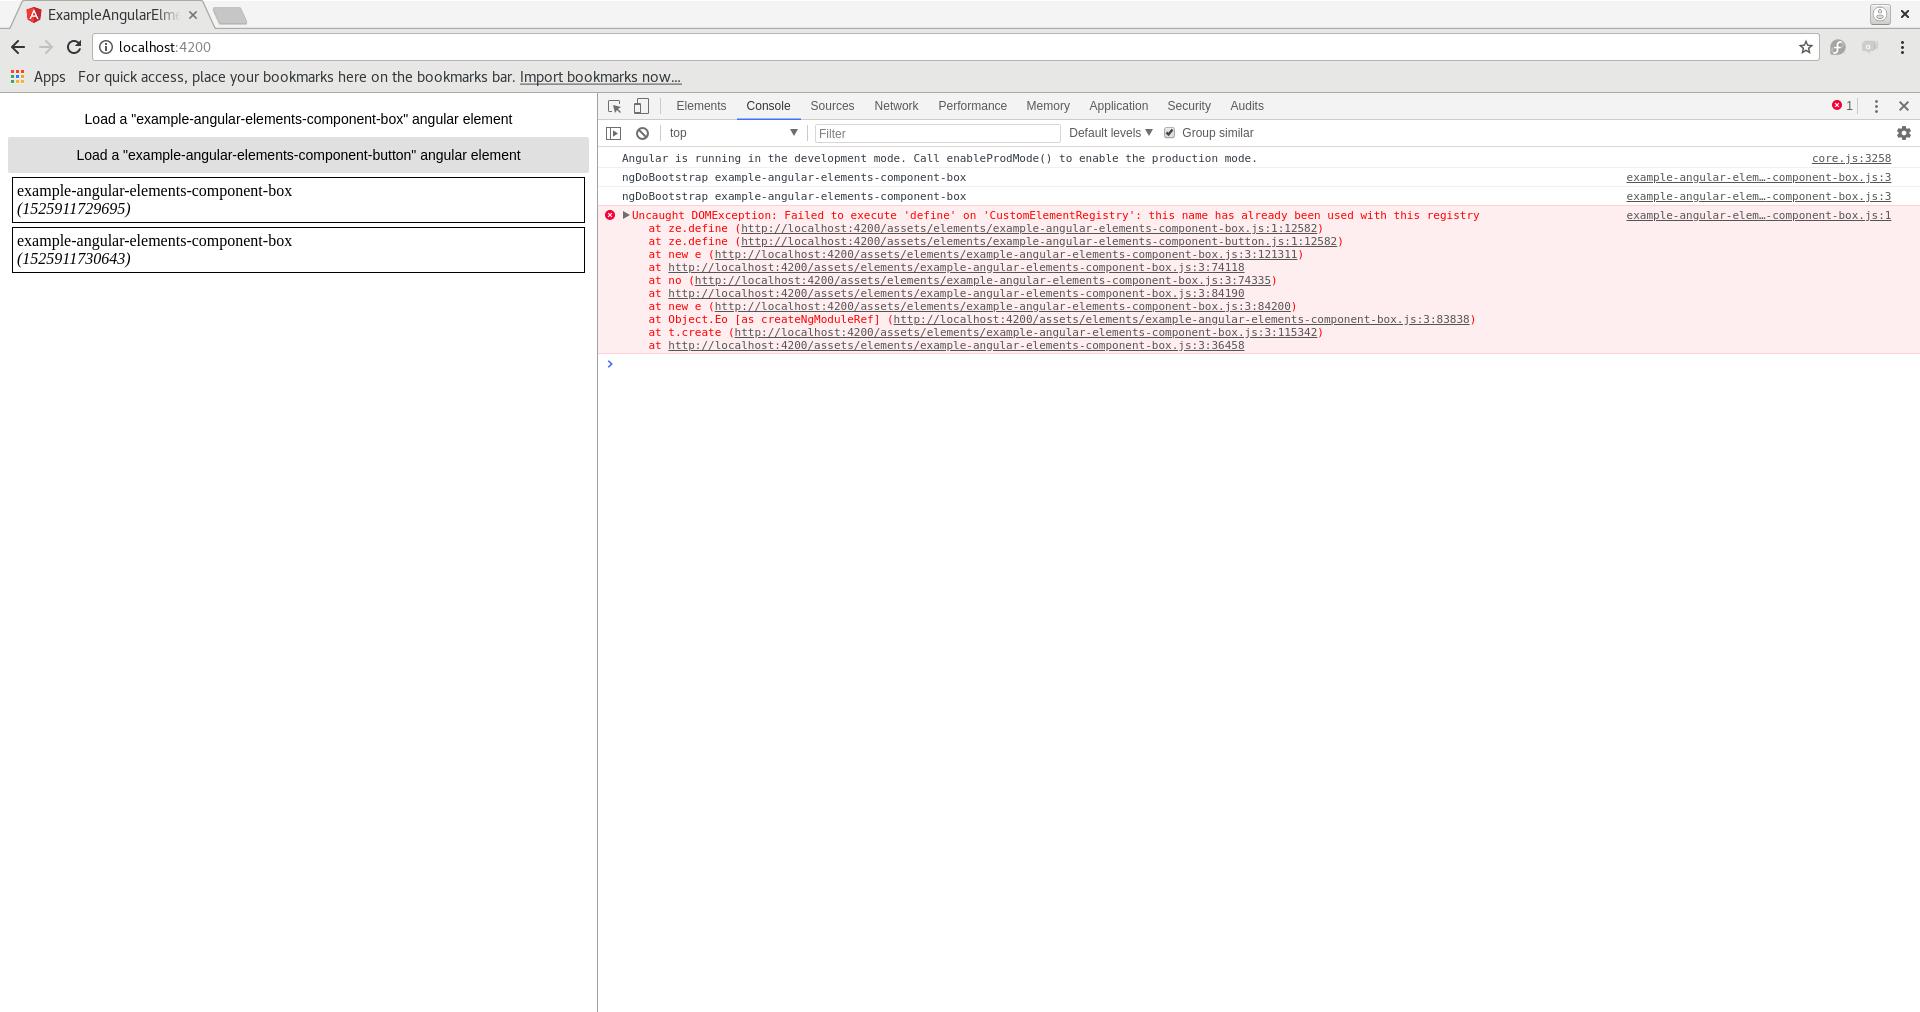 screenshot from 2018-05-09 19-25-55